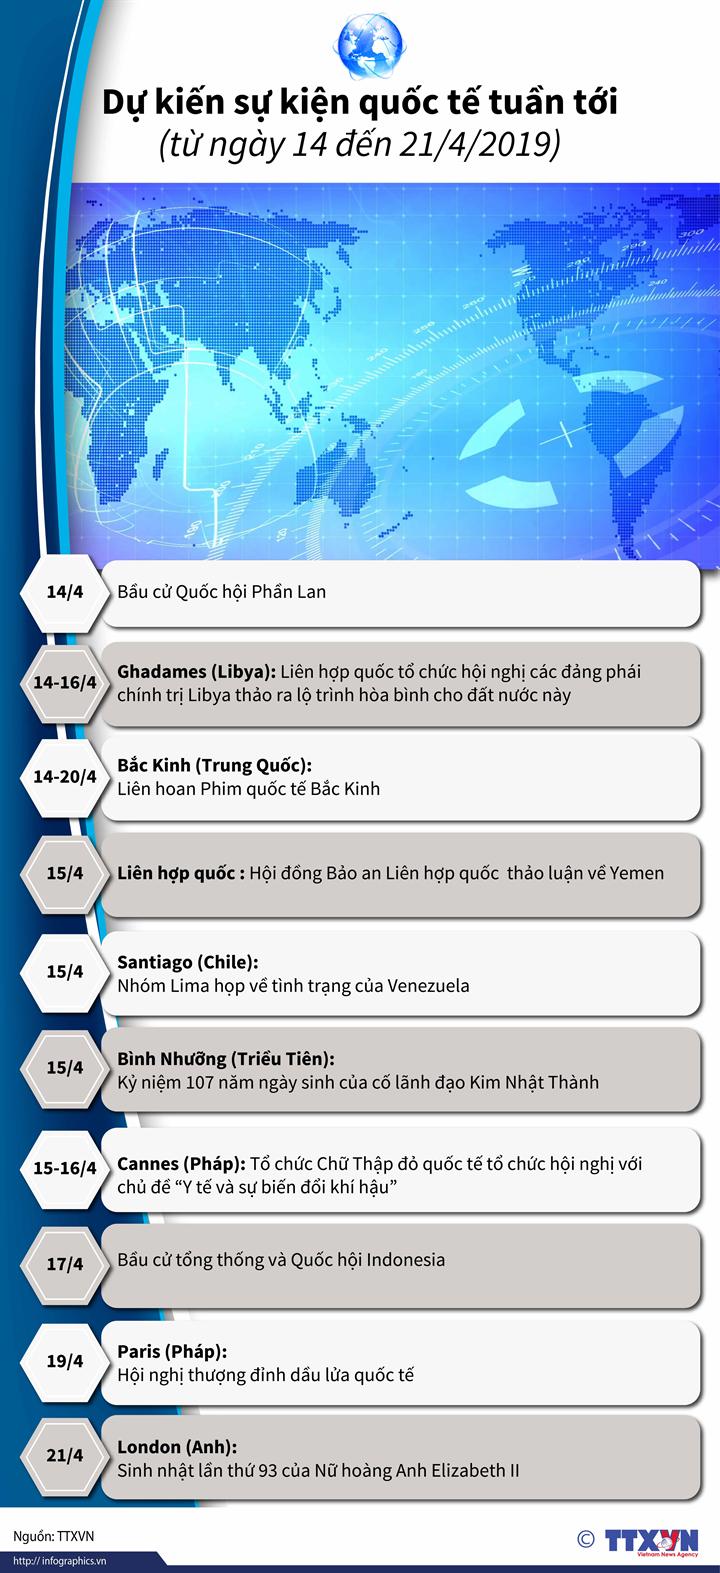 Dự kiến sự kiện quốc tế tuần tới  (từ ngày 14 đến 21/4/2019)